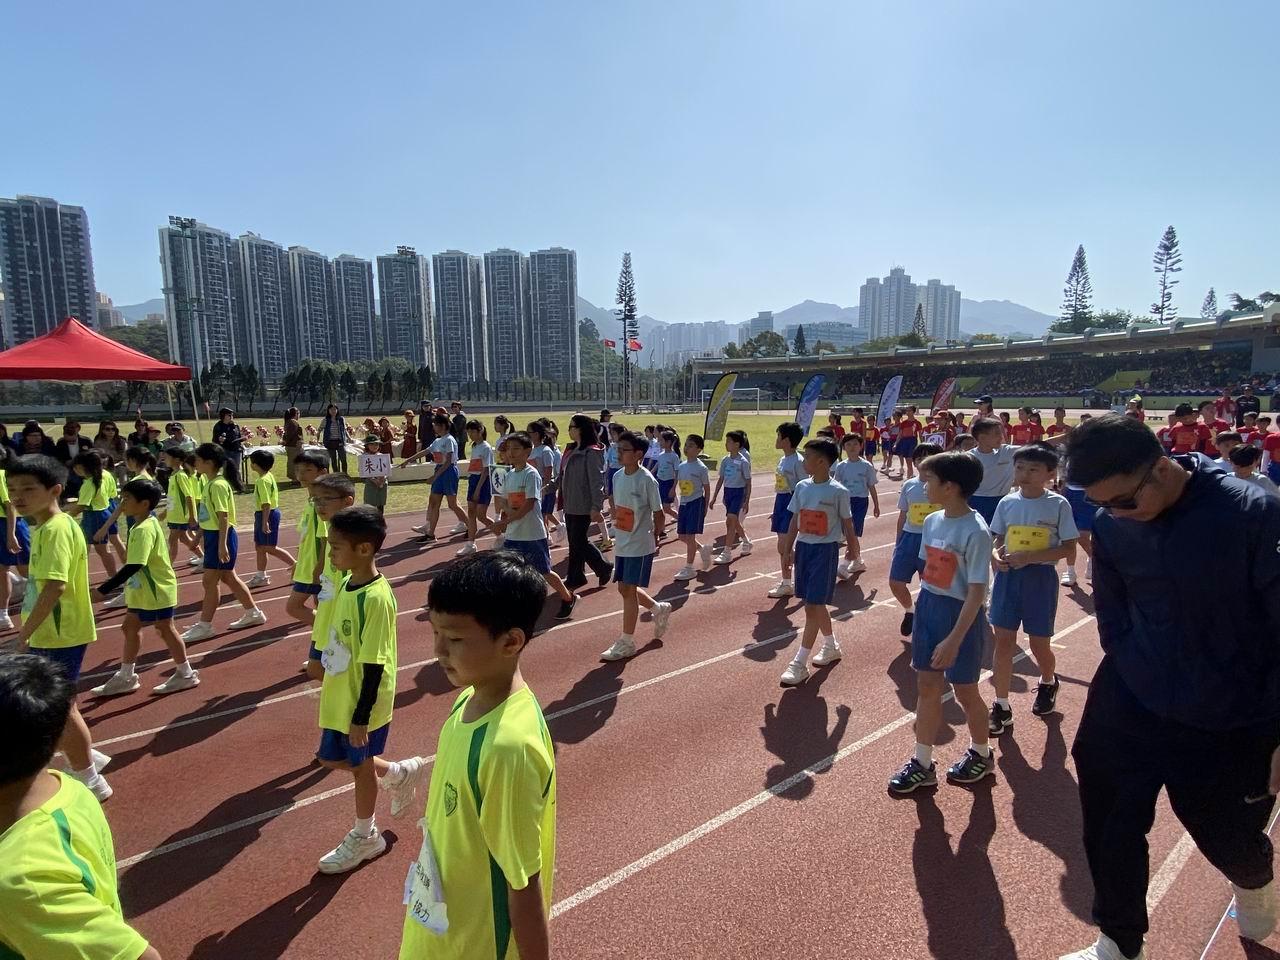 https://www.plkcjy.edu.hk/sites/default/files/img_0129.jpg